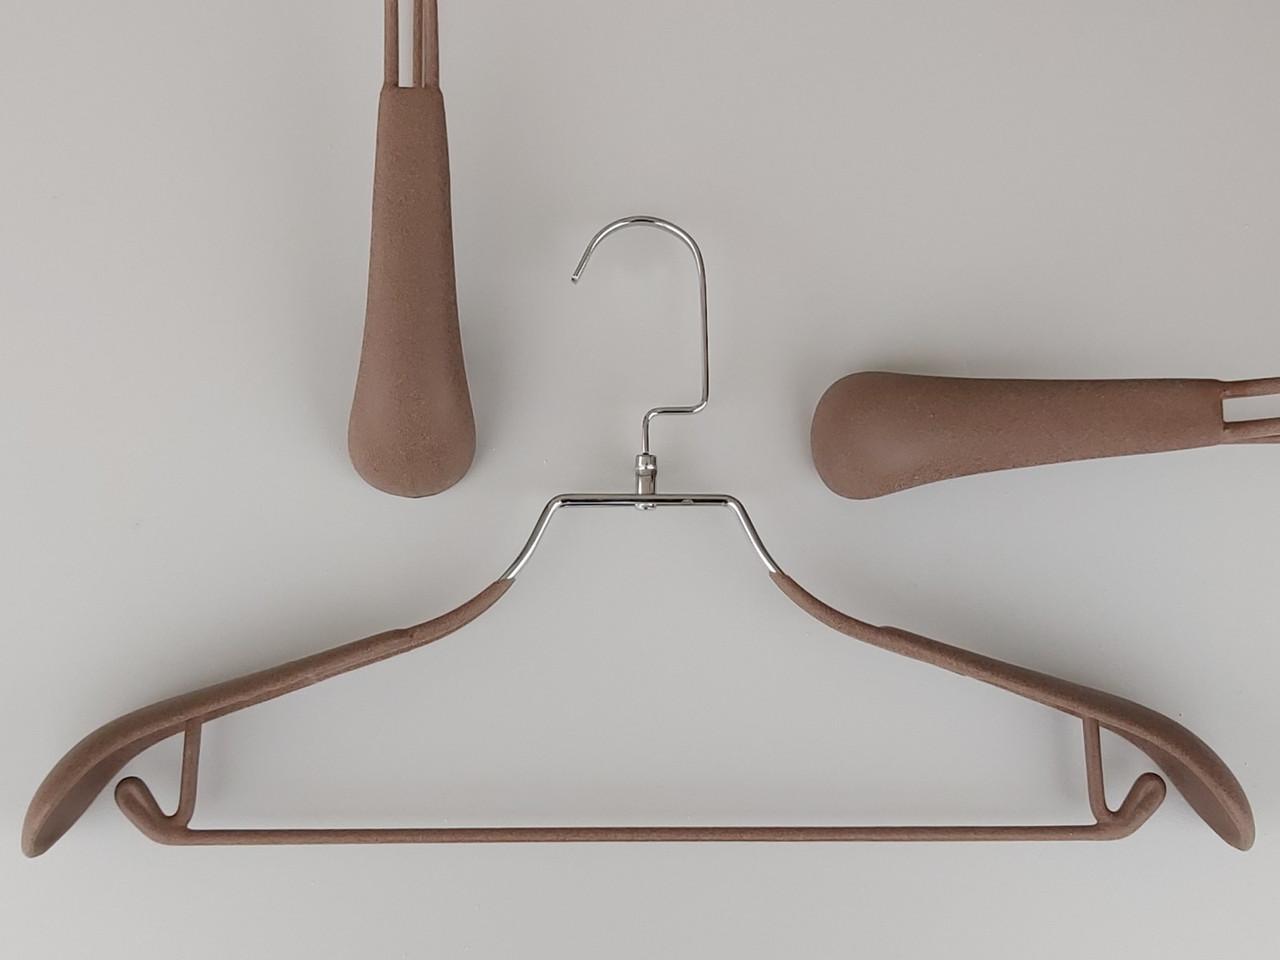 Плечики металлические в силиконовом покрытии широкие коричневого цвета, 44 см